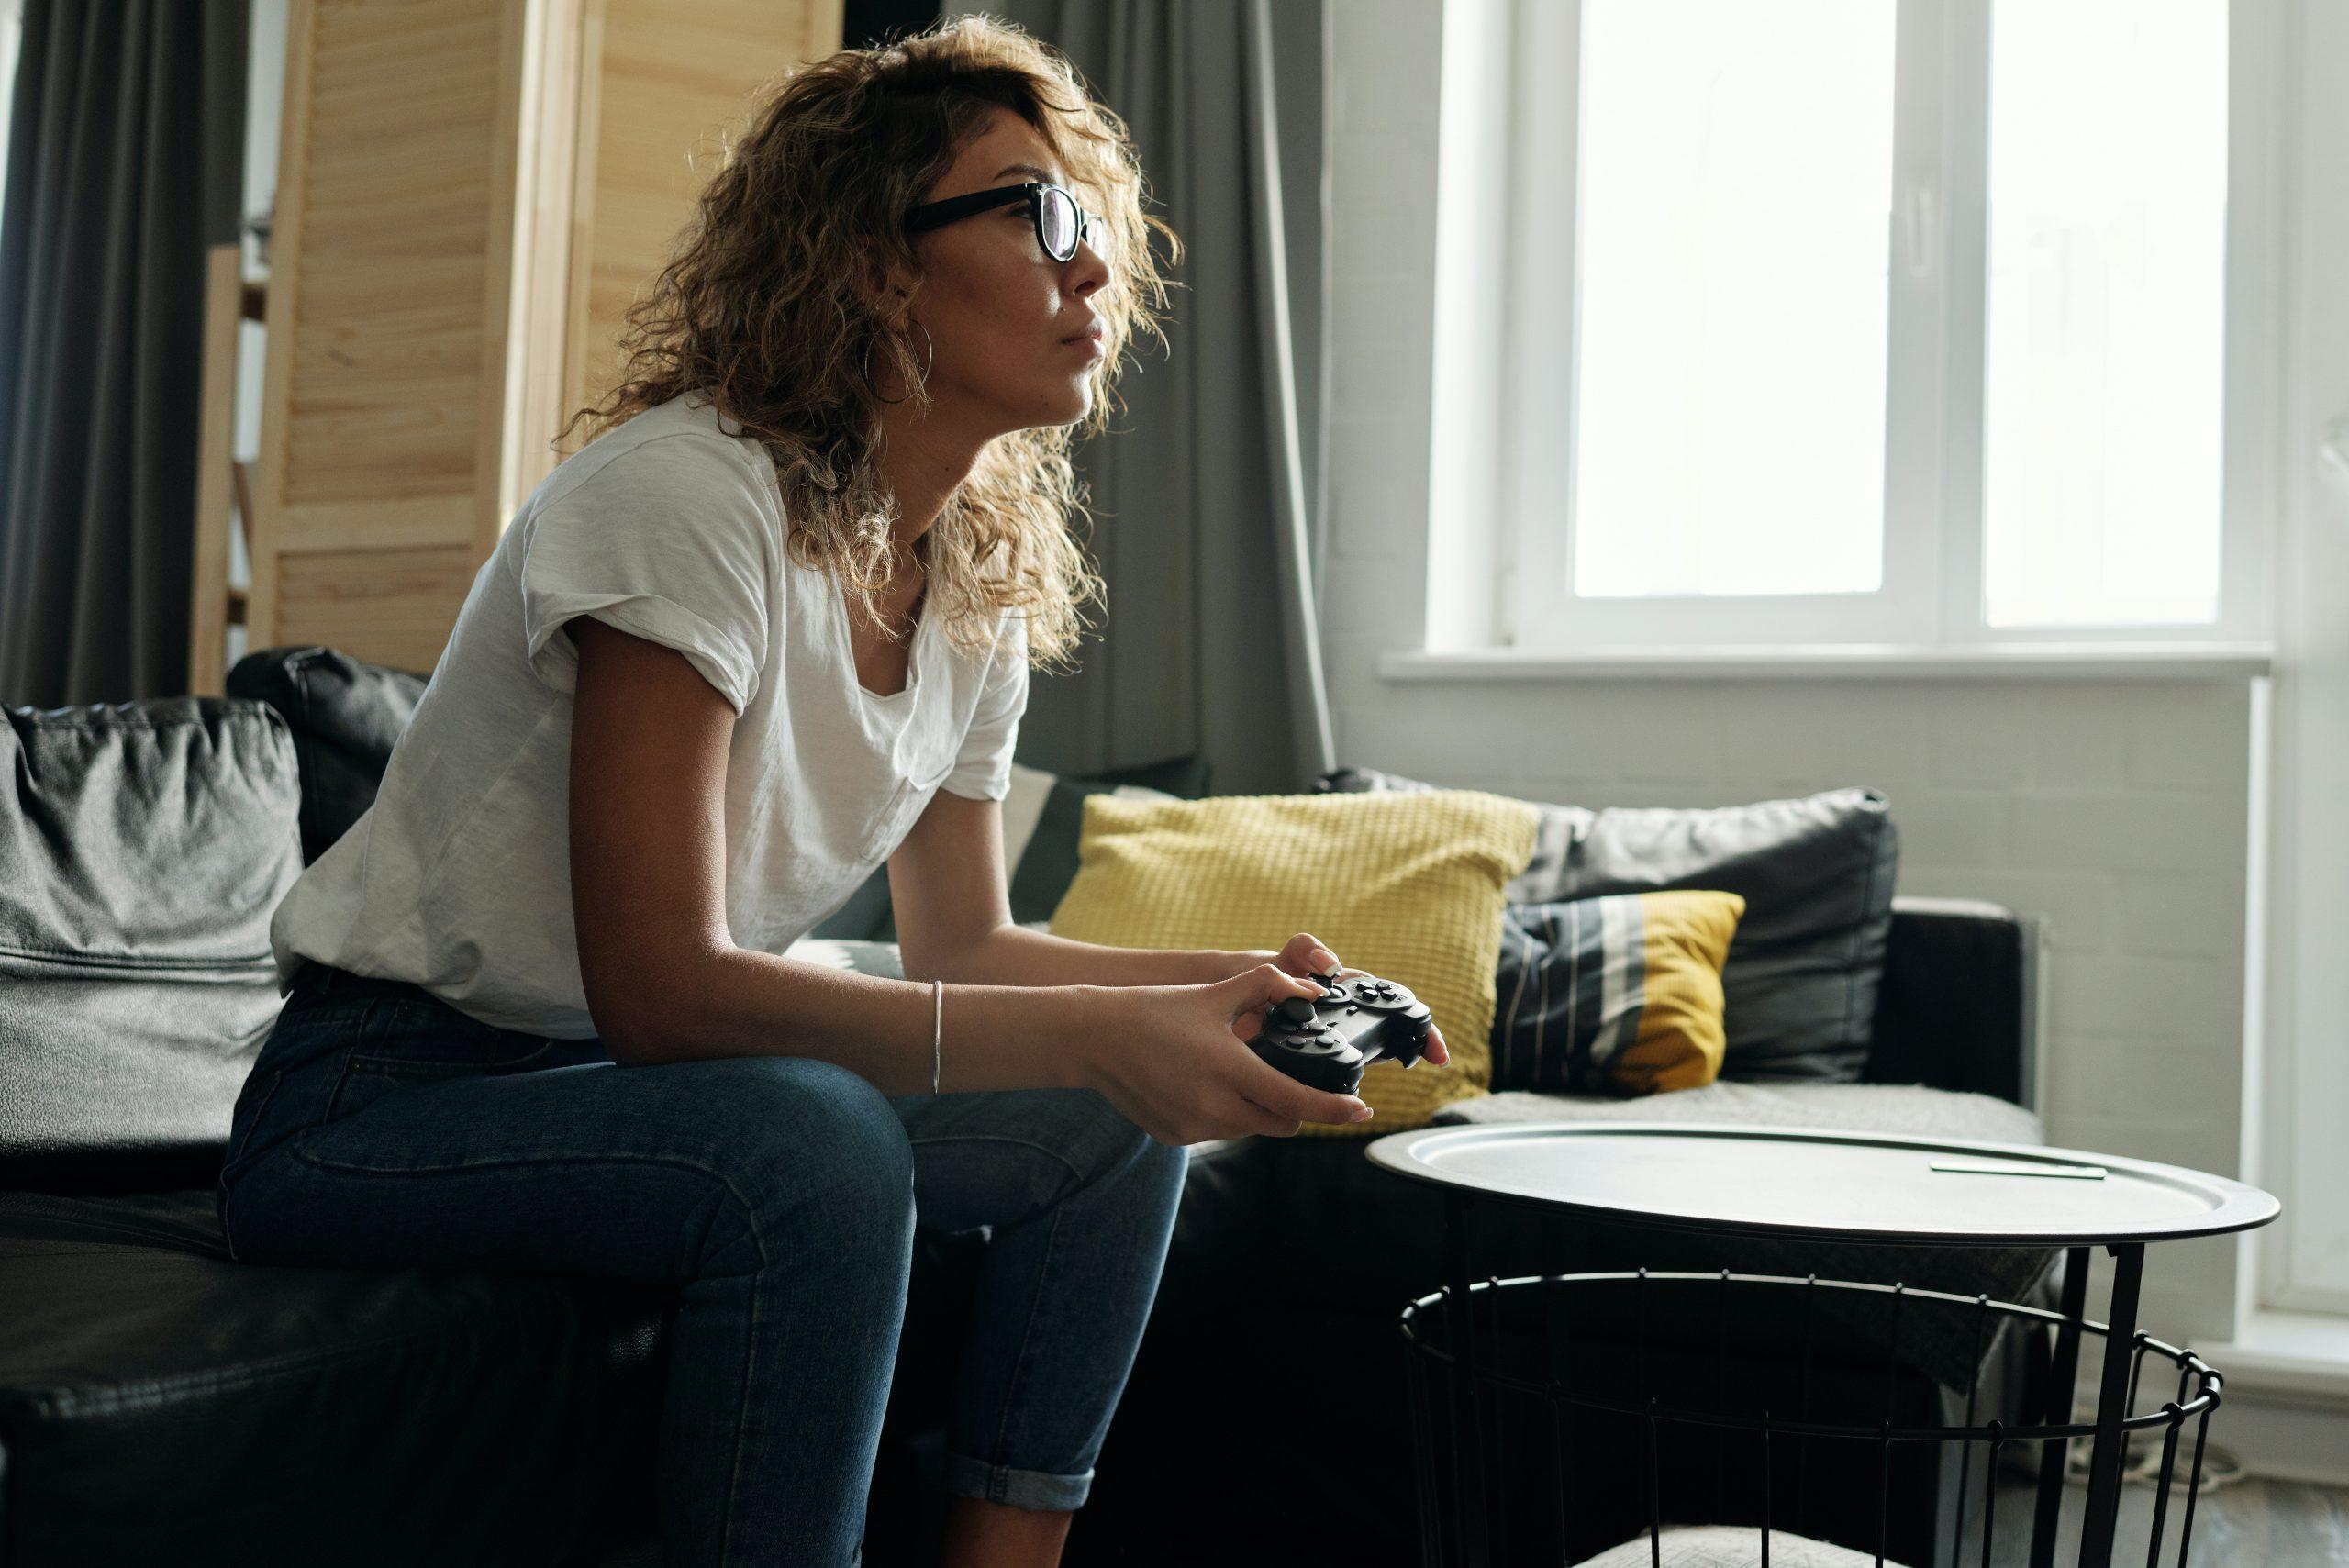 Pourquoi_les_consoles_de_jeux_ne_sont_plus_réservées_aux_enfants_?